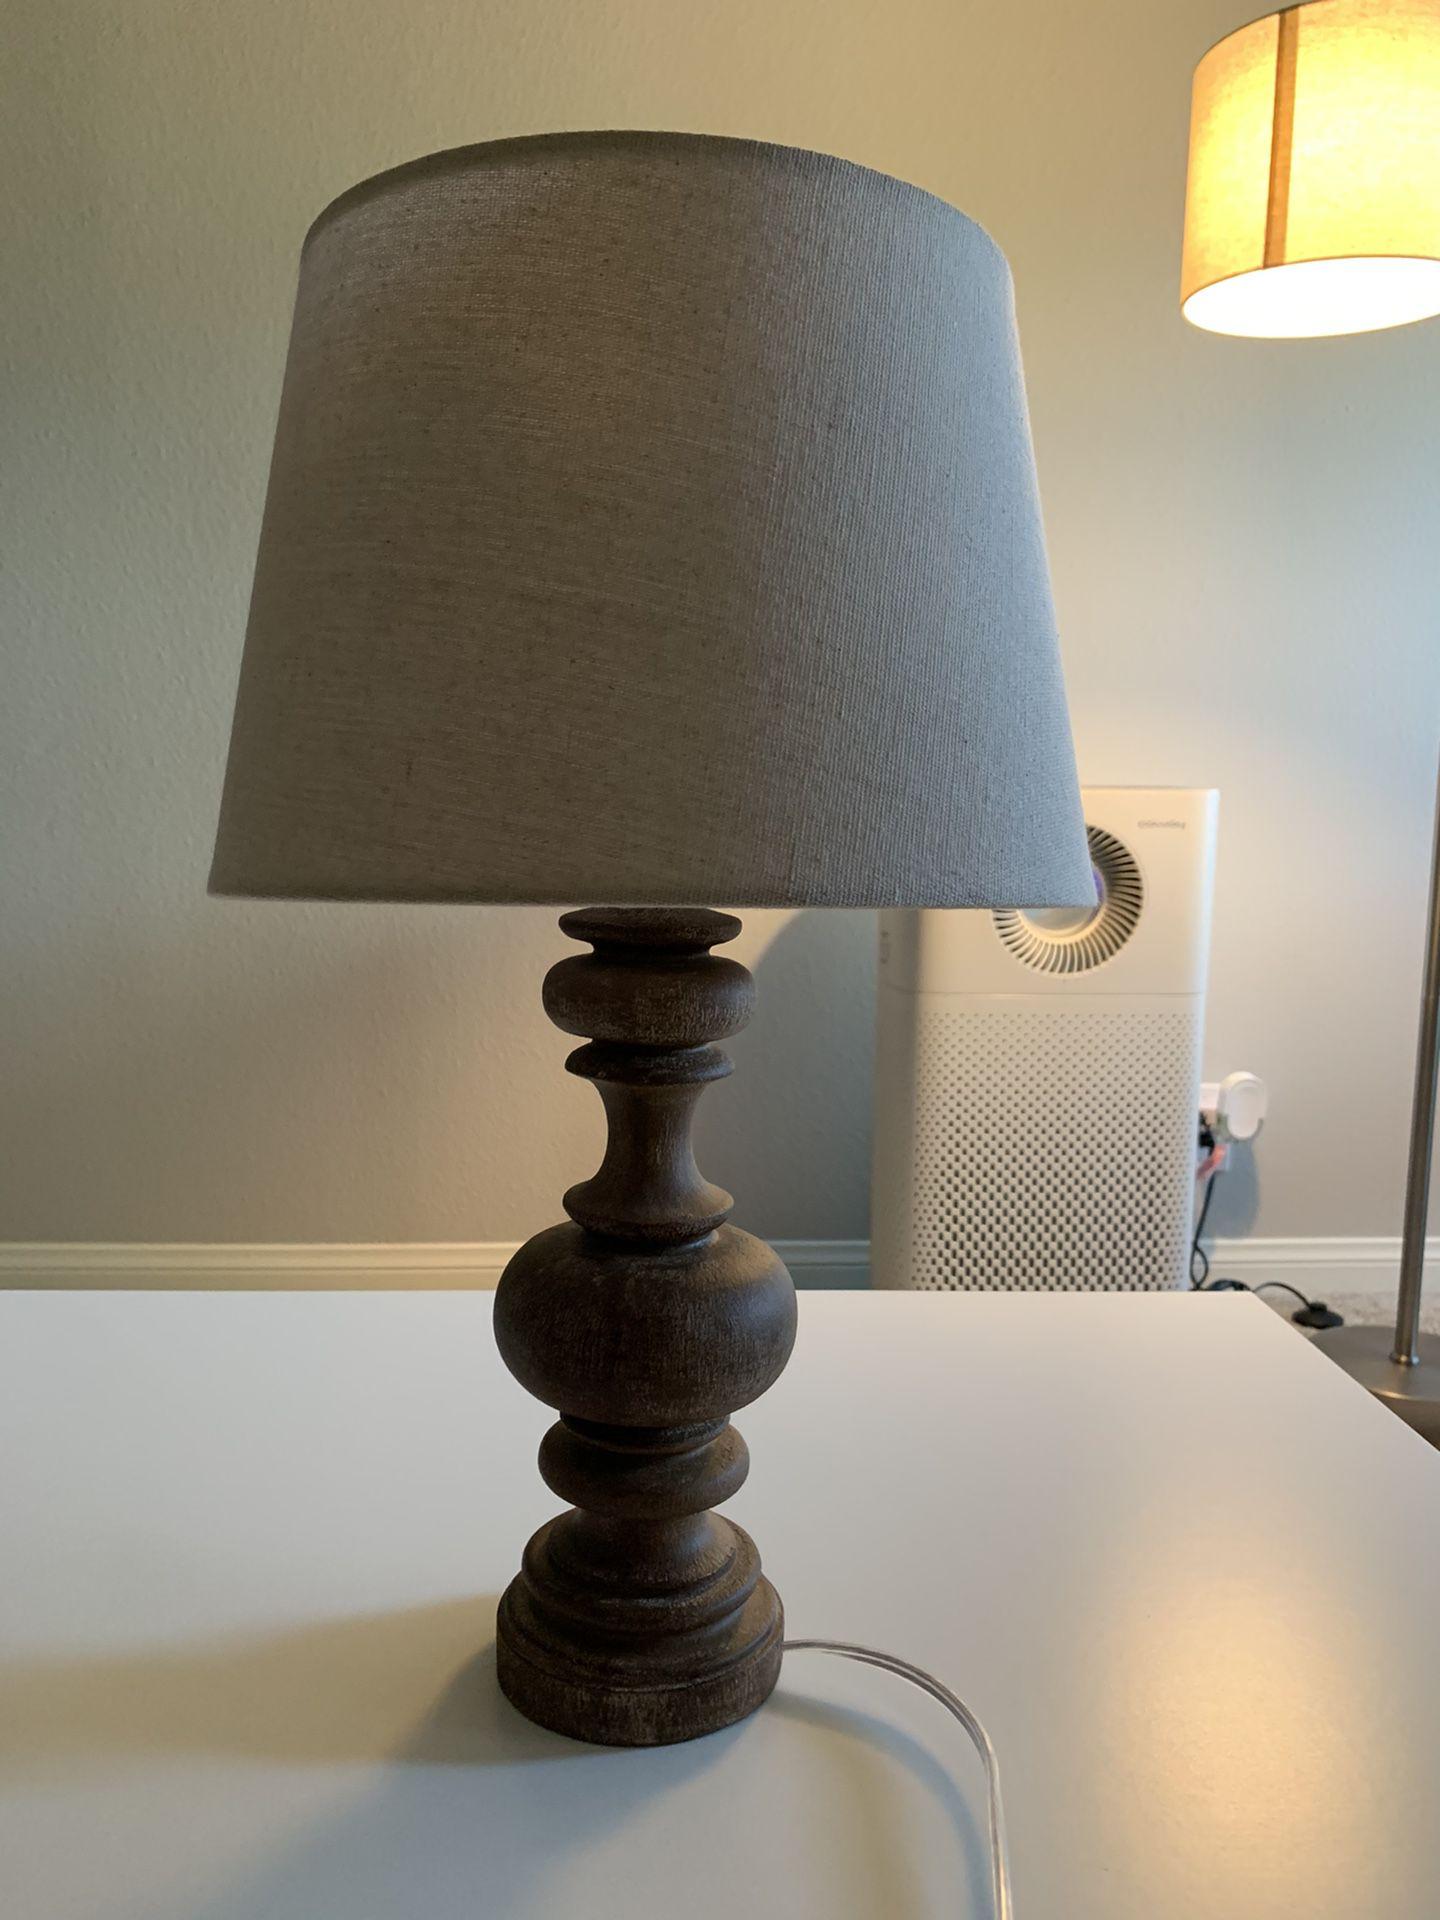 TARGET LAMP